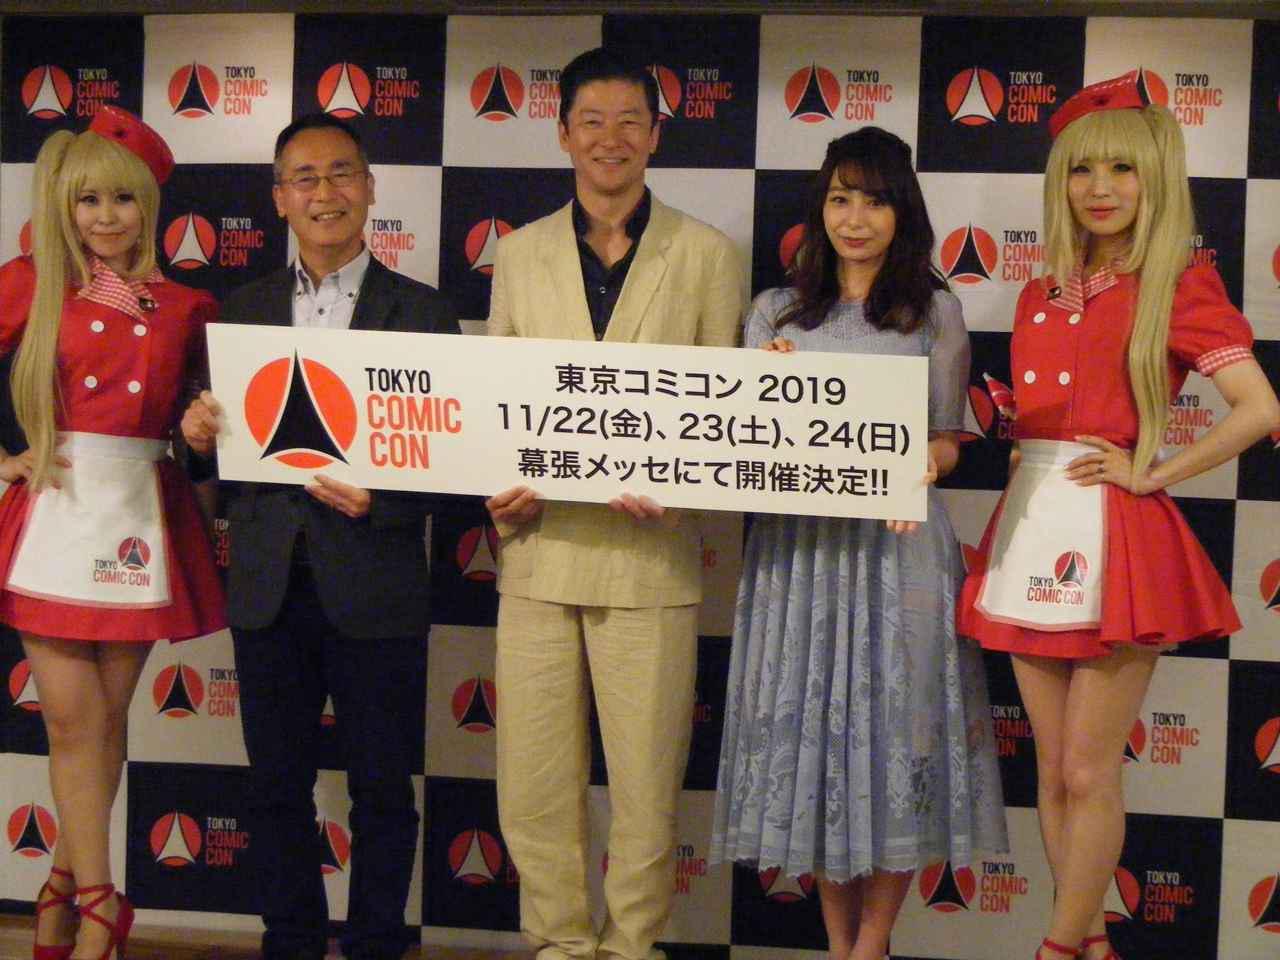 画像: ついにセバスタに会える!東京コミコン2019 オーリ、そしてロン君も来日決定! - SCREEN ONLINE(スクリーンオンライン)